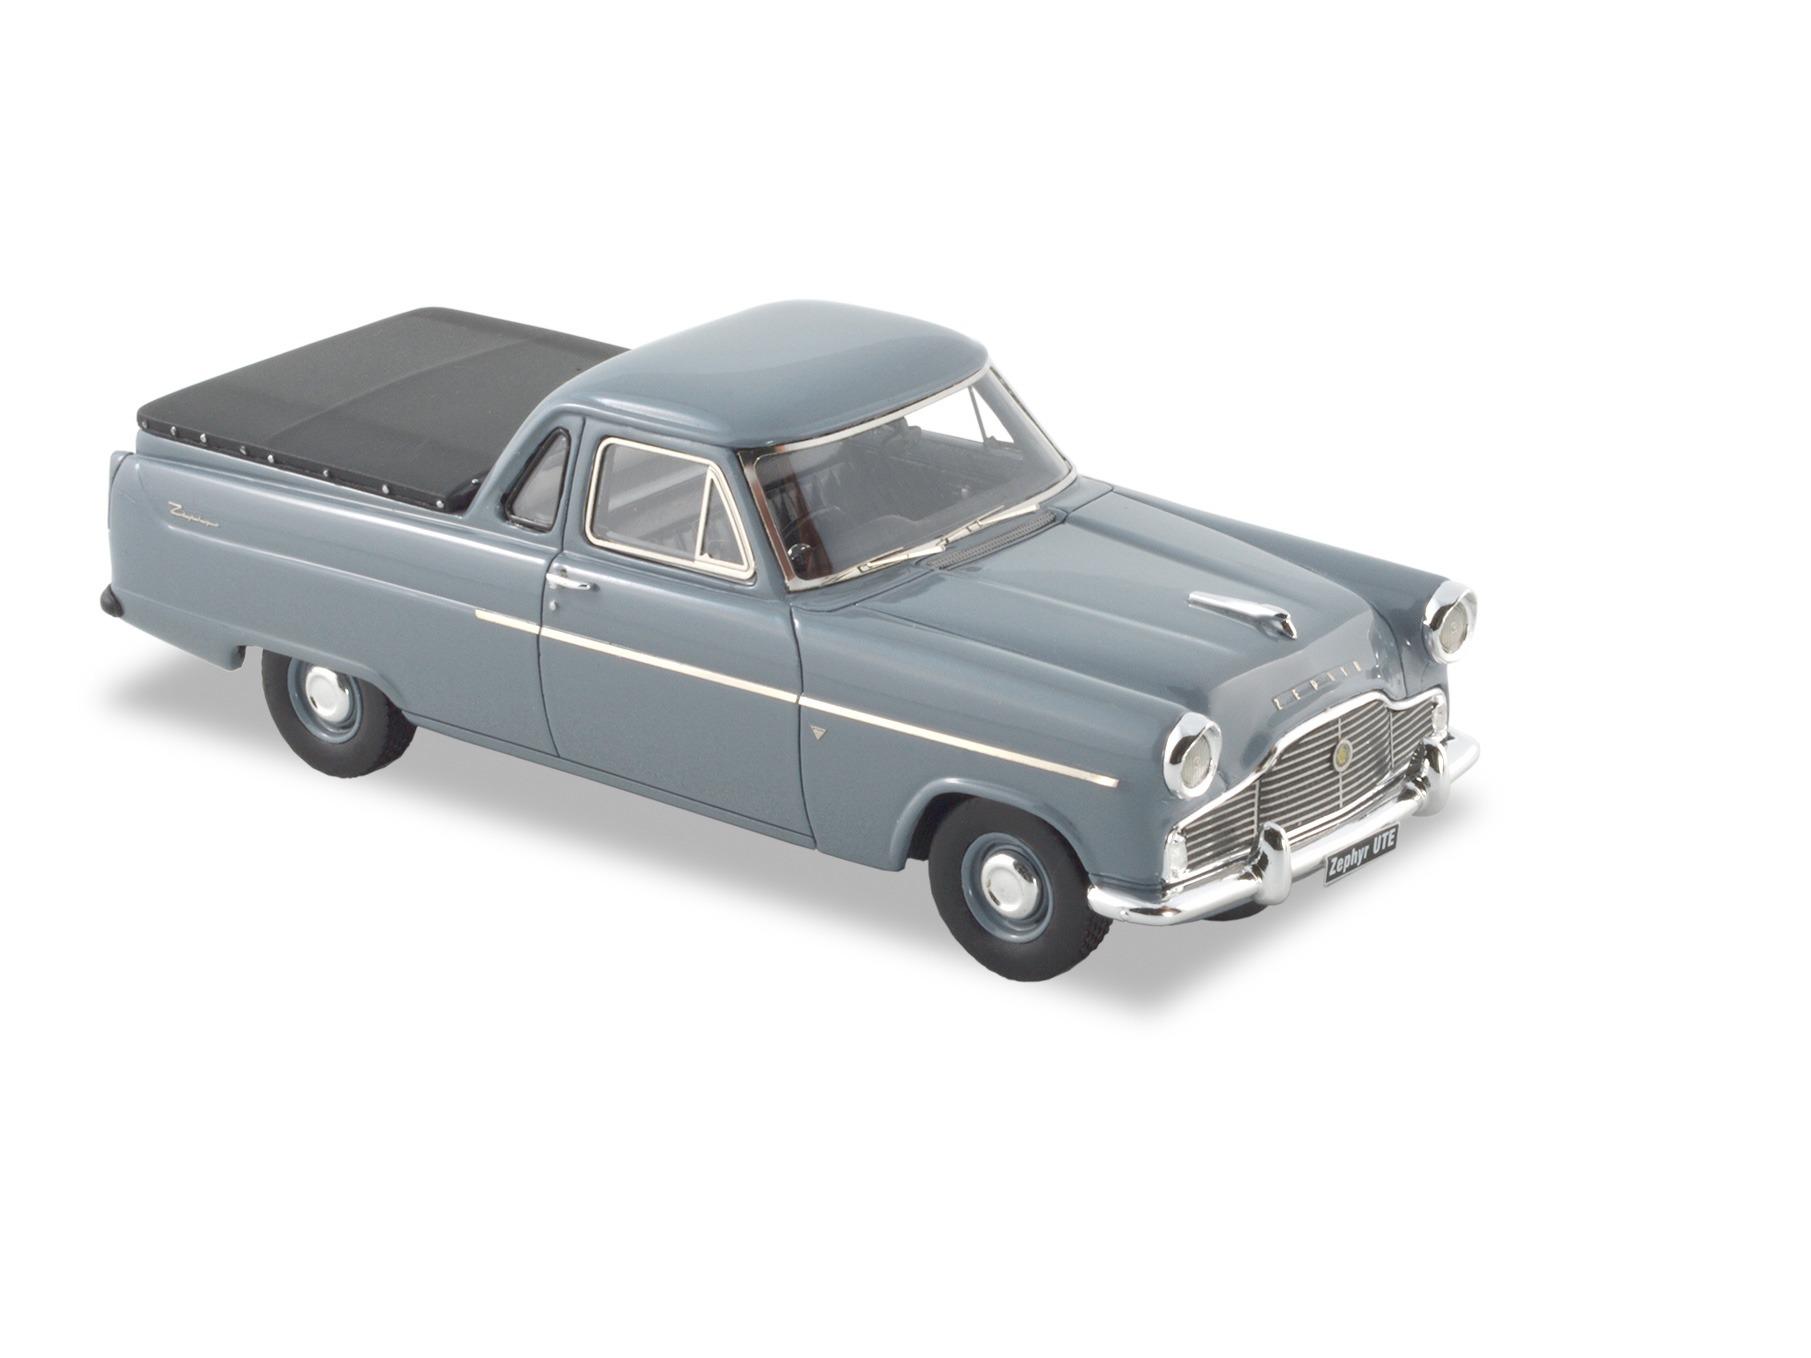 1959 Zephyr MK II Ute – Grey